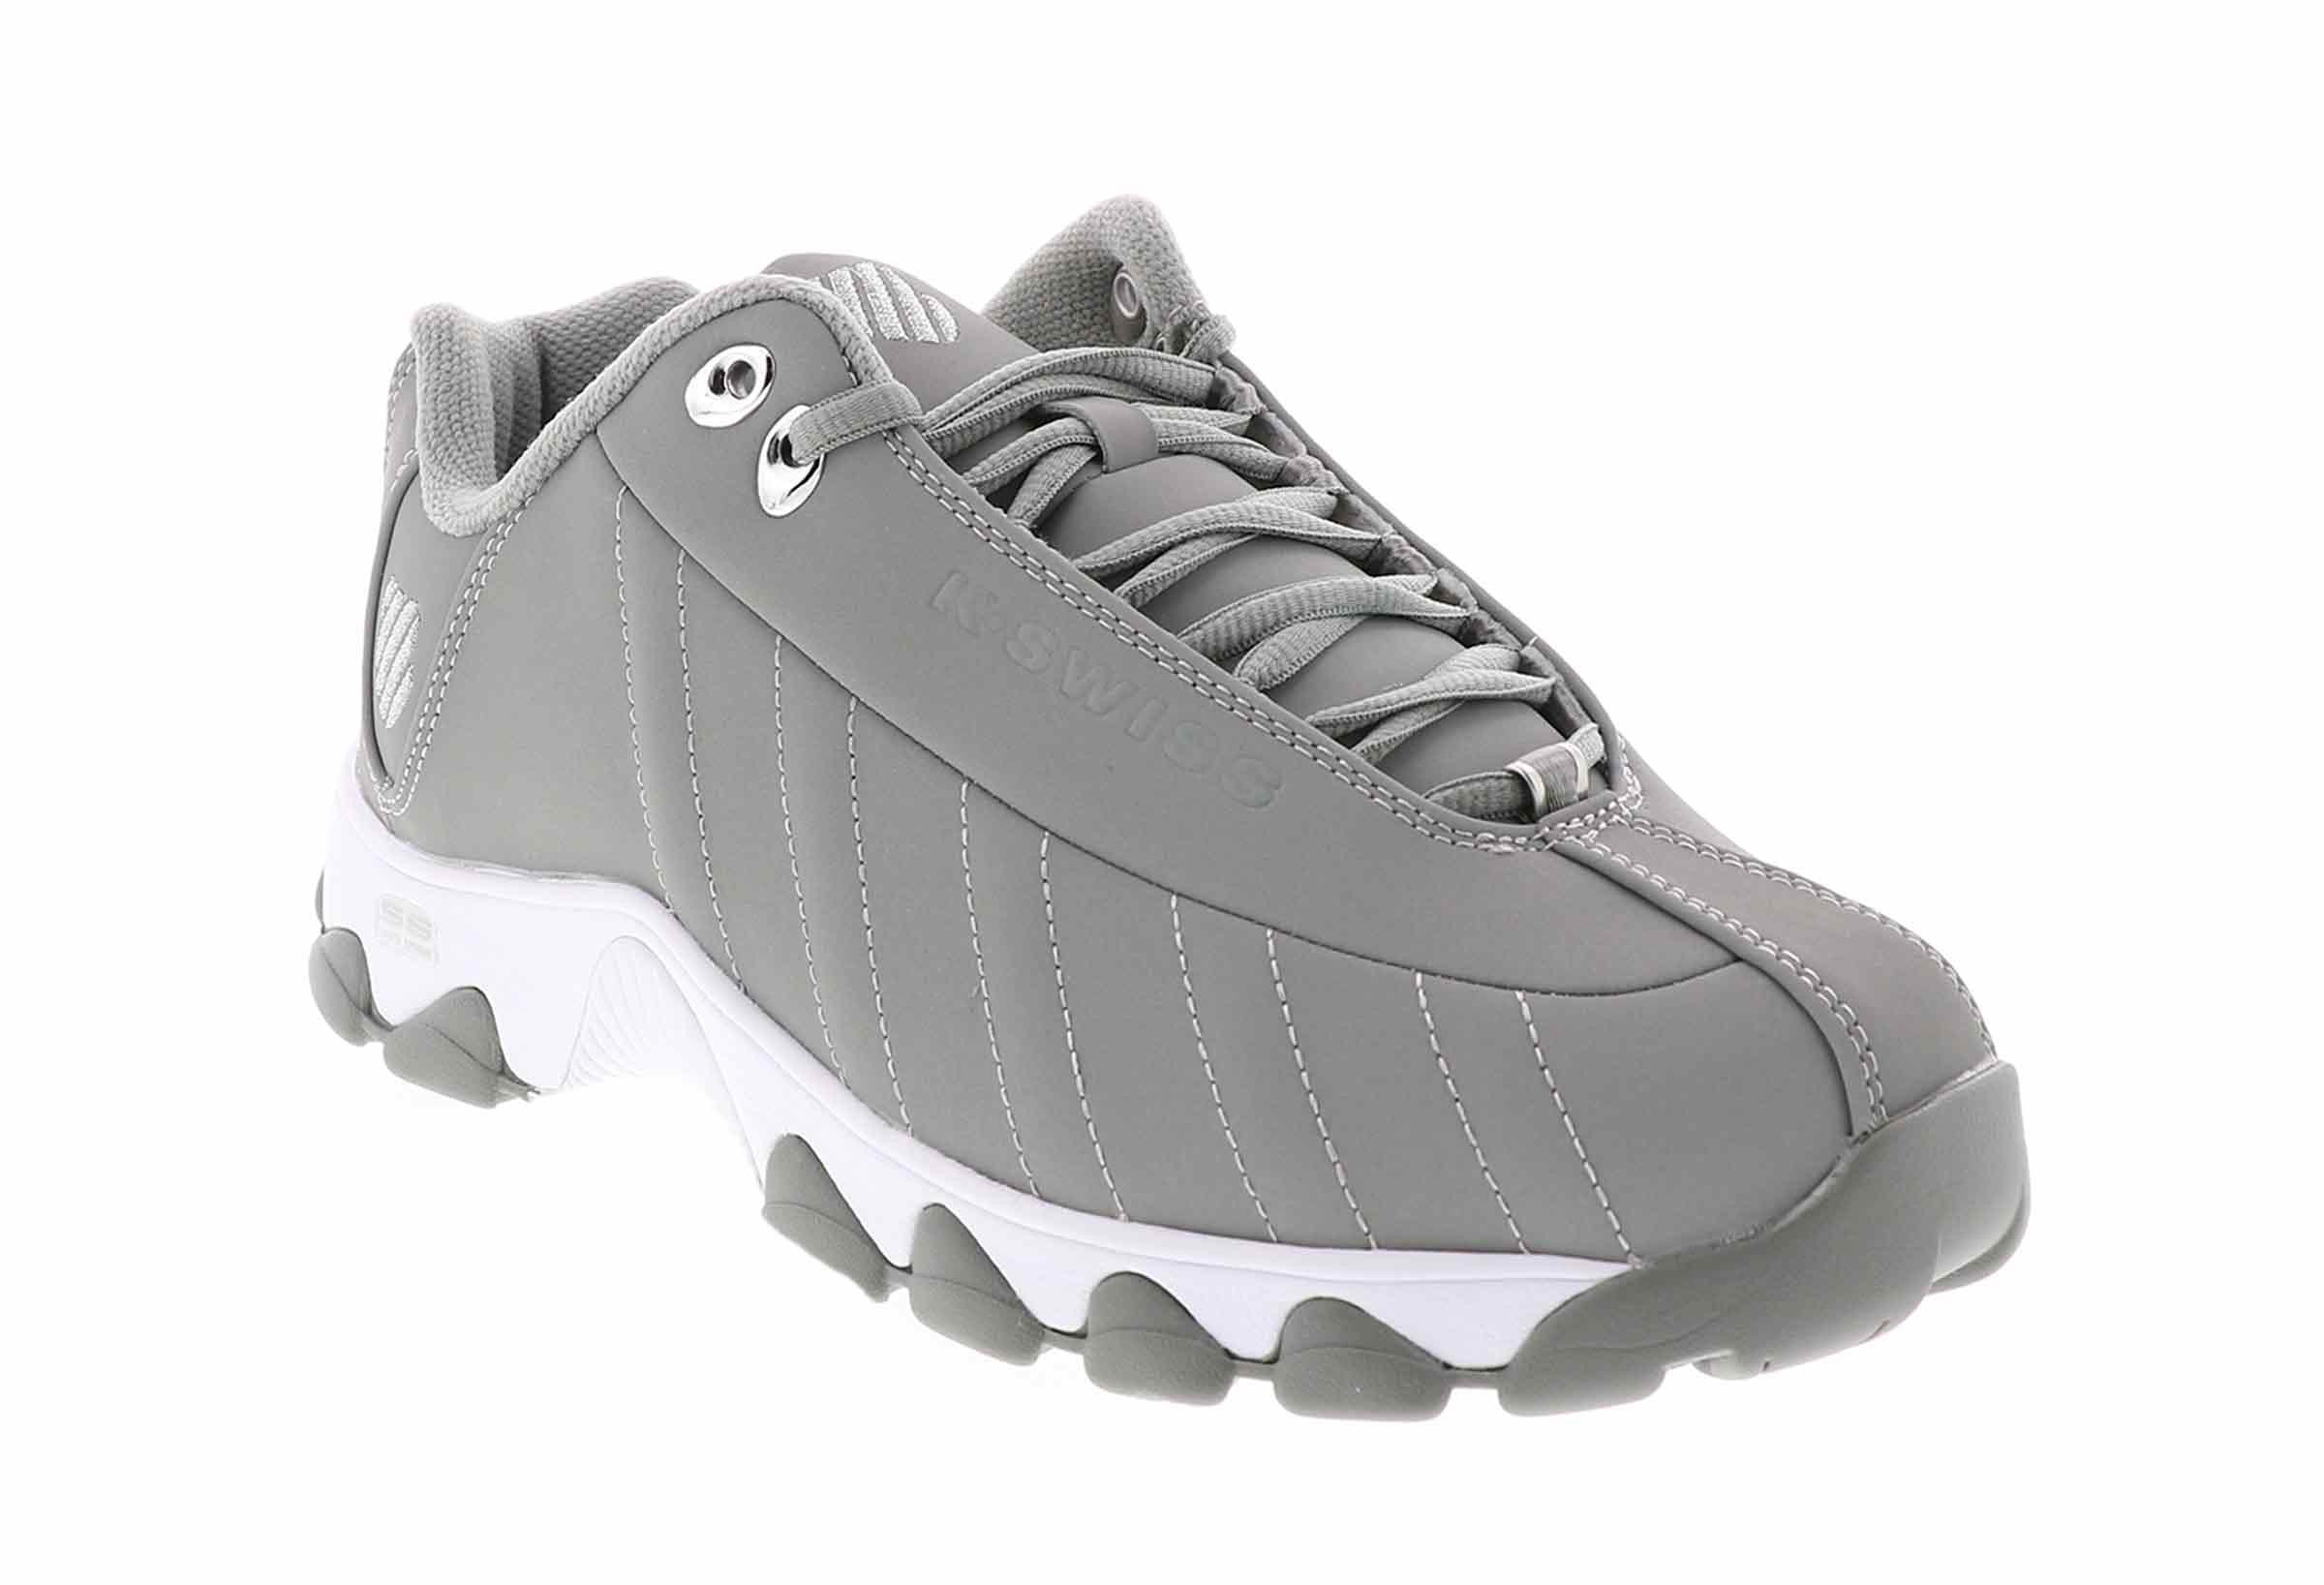 K-Swiss ST329 CMF Men's Walking Shoe